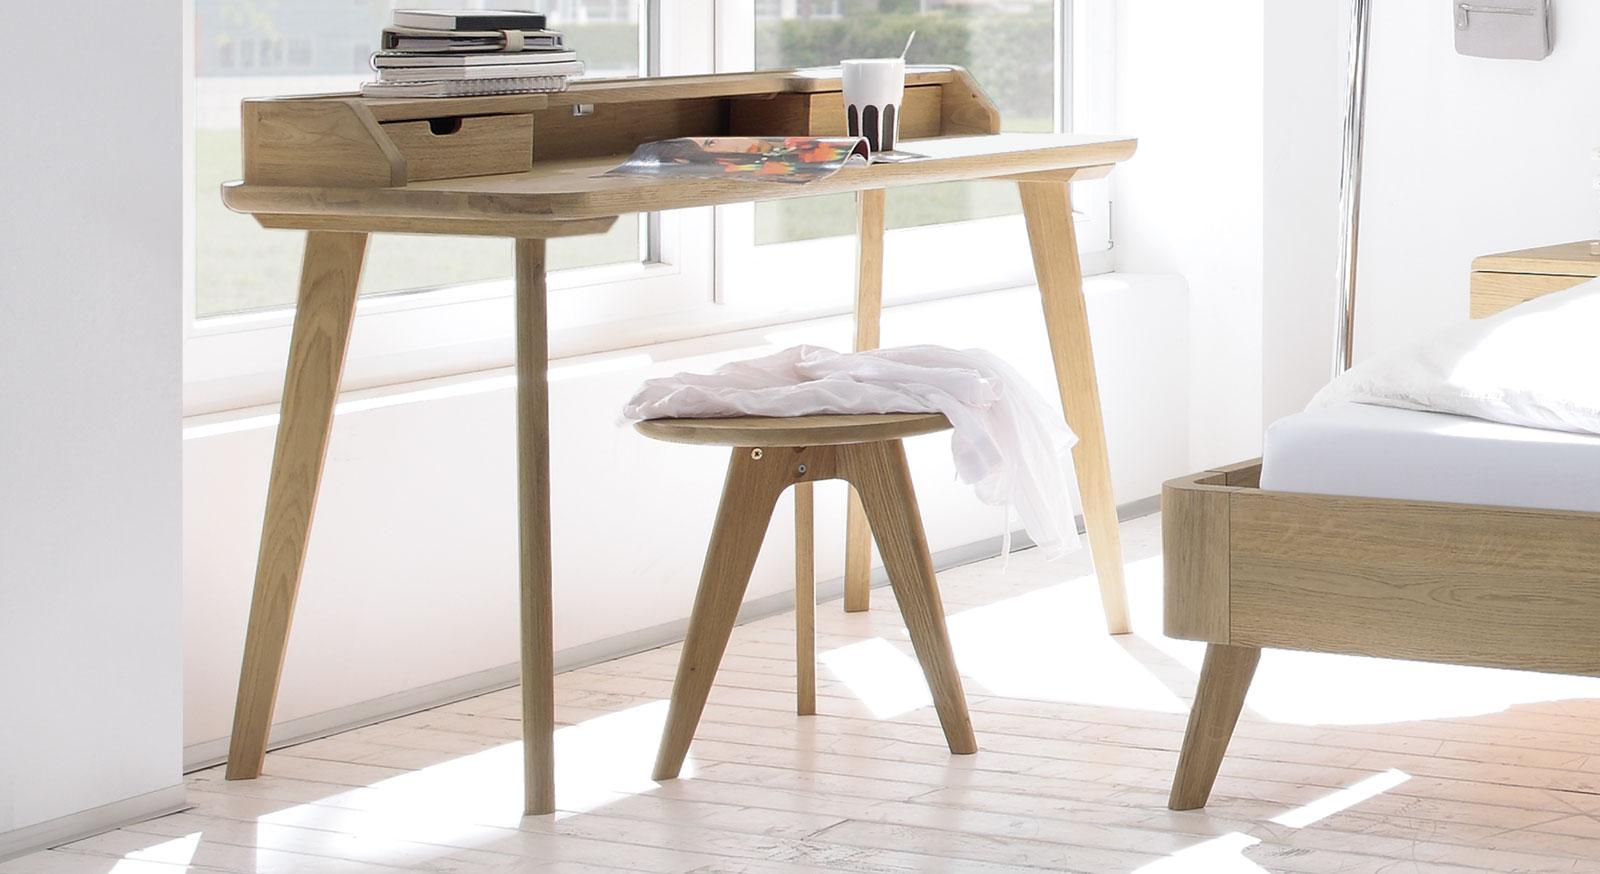 nachttisch bzw hocker aus eiche im 60er jahre design rakaia. Black Bedroom Furniture Sets. Home Design Ideas